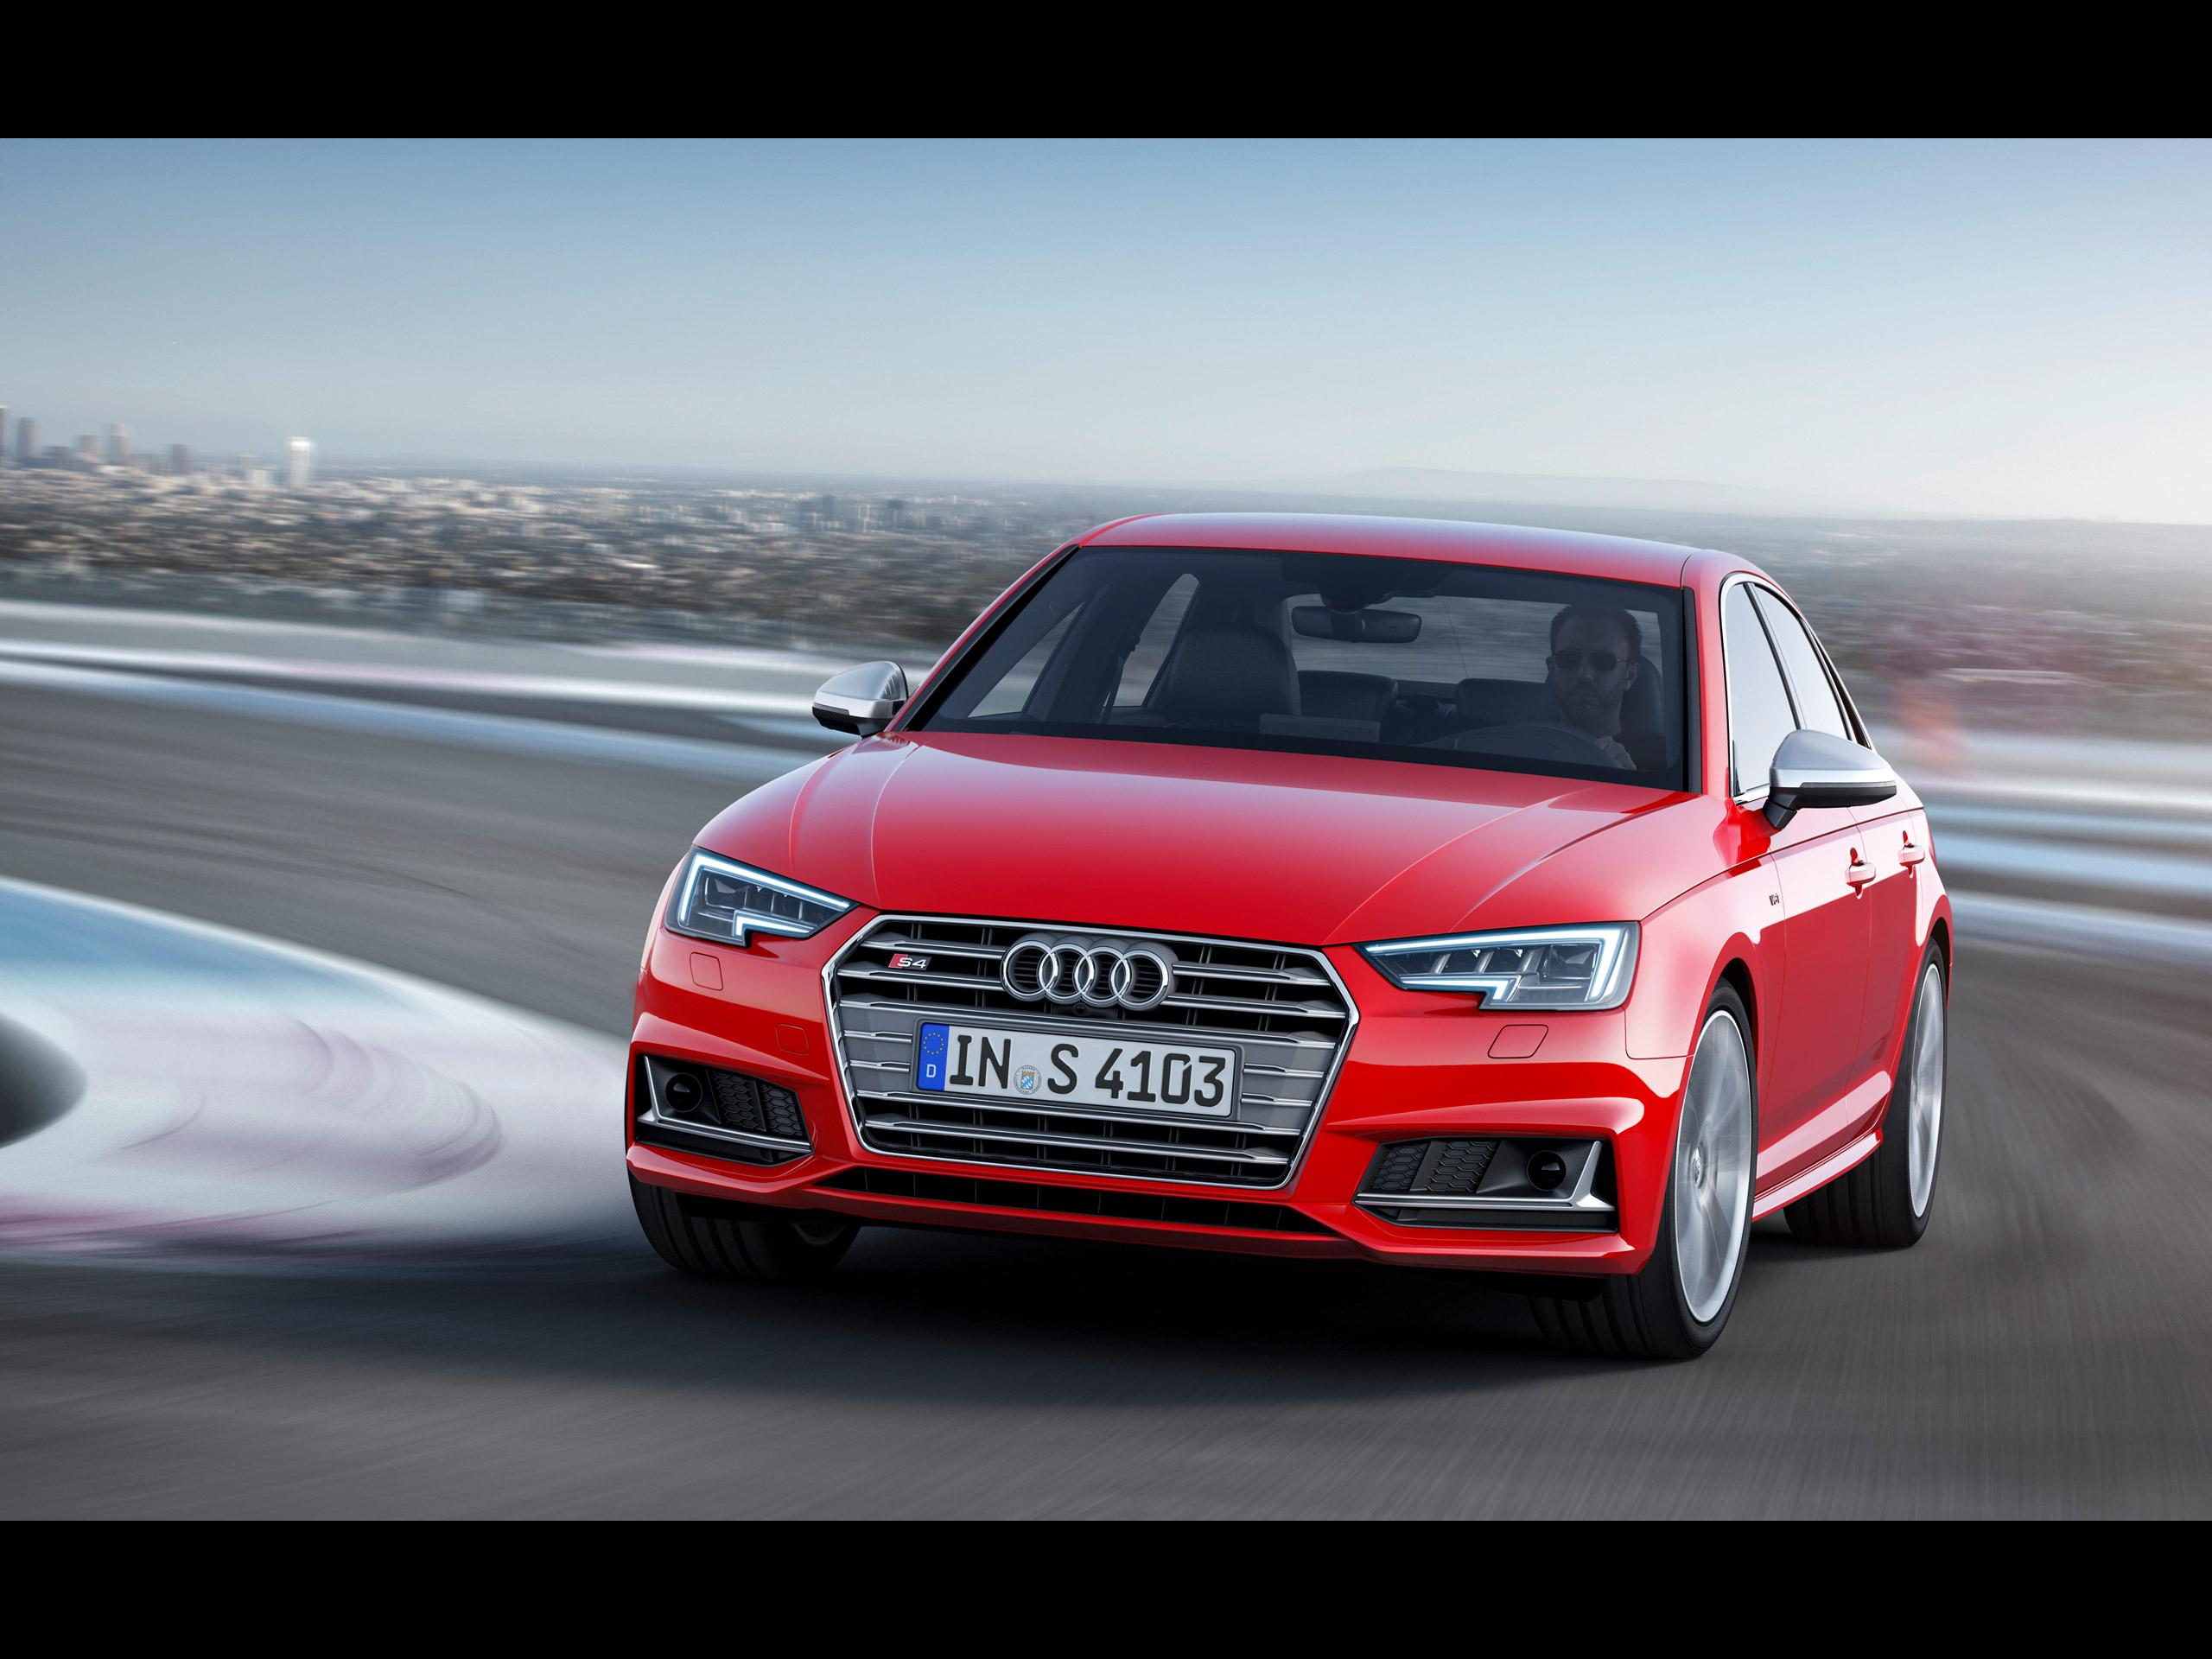 Parking Park Assist Distance Control Sensor for Audi A4 Quattro S4